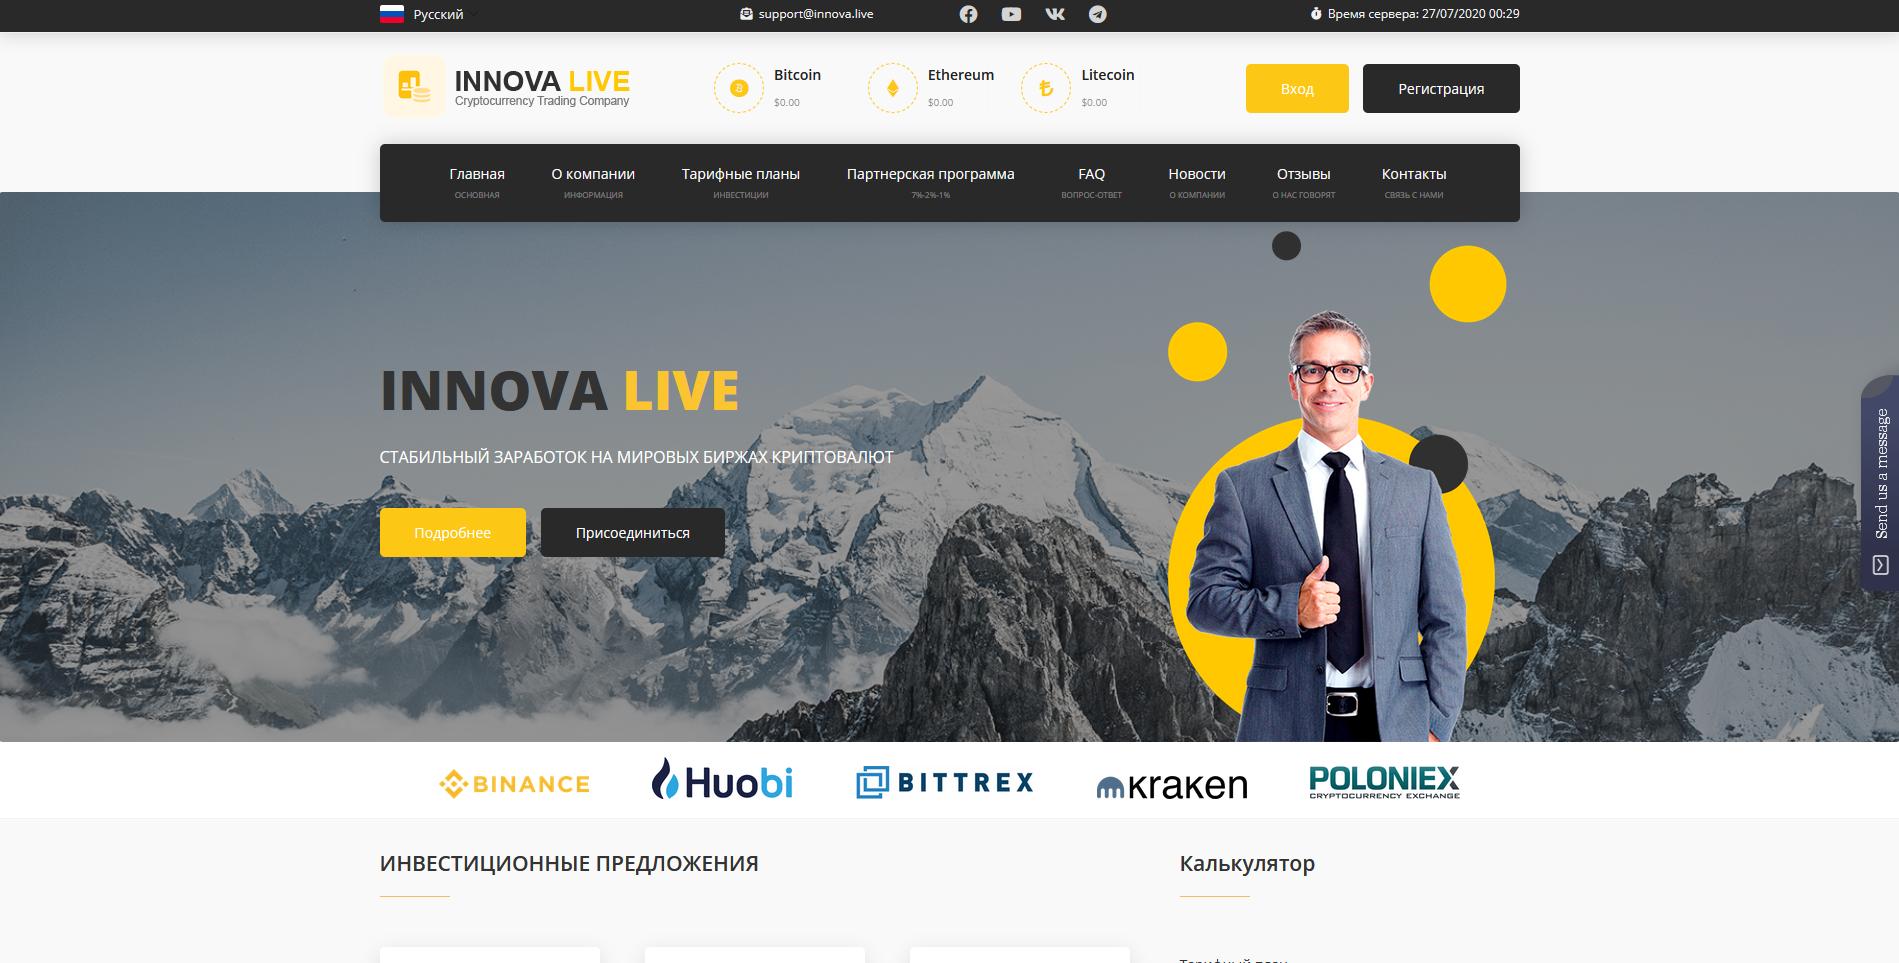 INNOVA - innova.live